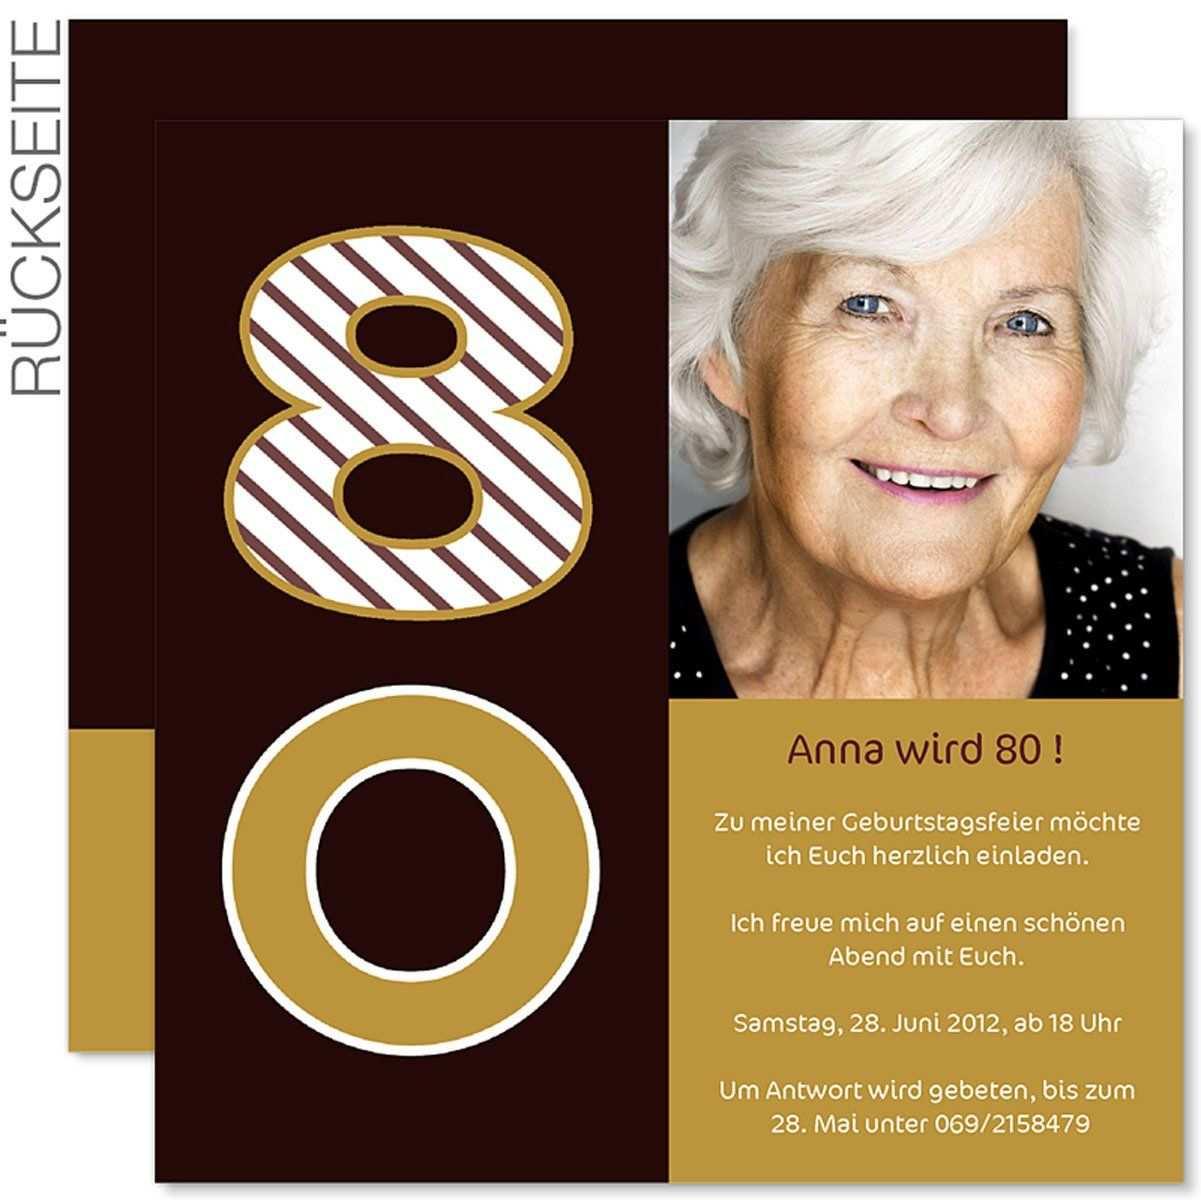 Einladung 80 Geburtstag Word Vorlage Einladung 80 Geburtstag